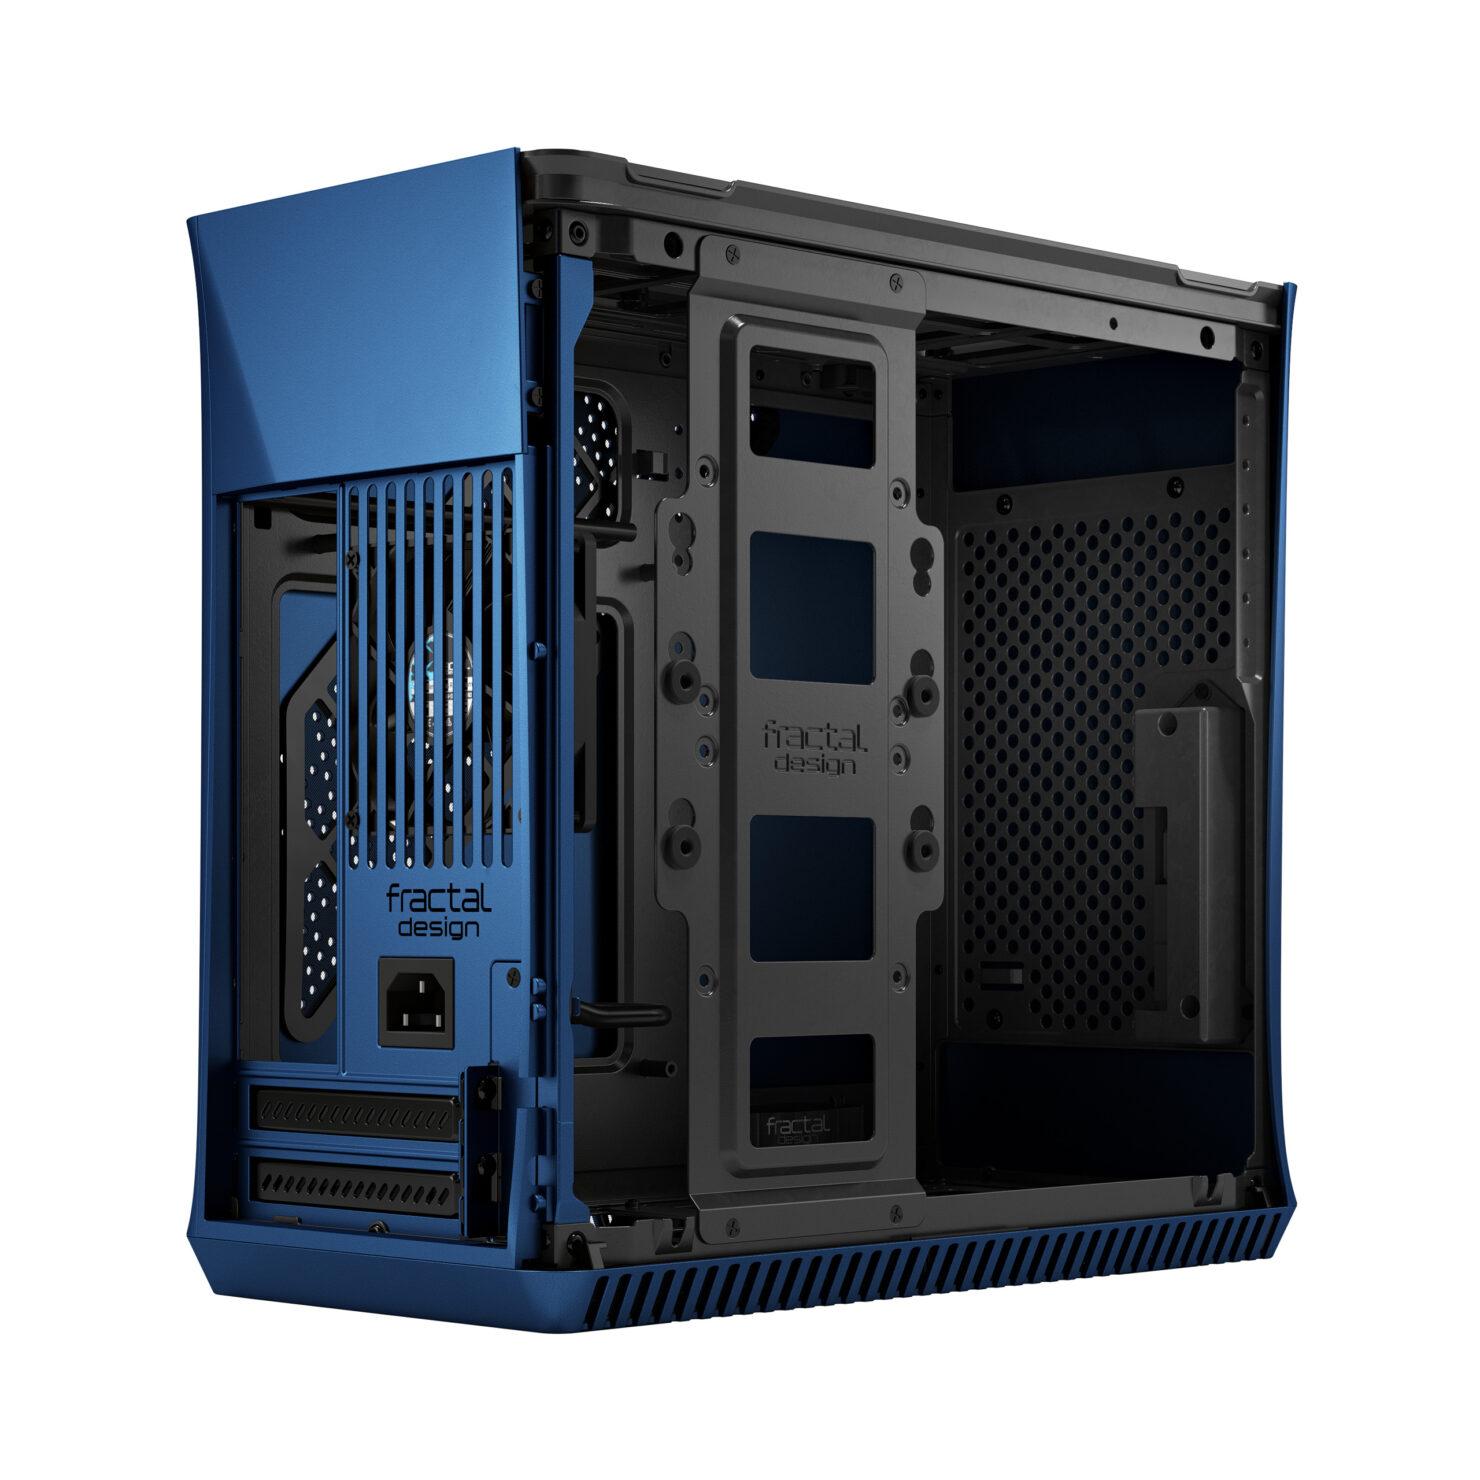 eraitx_iso_below_right_back_open_product_blue